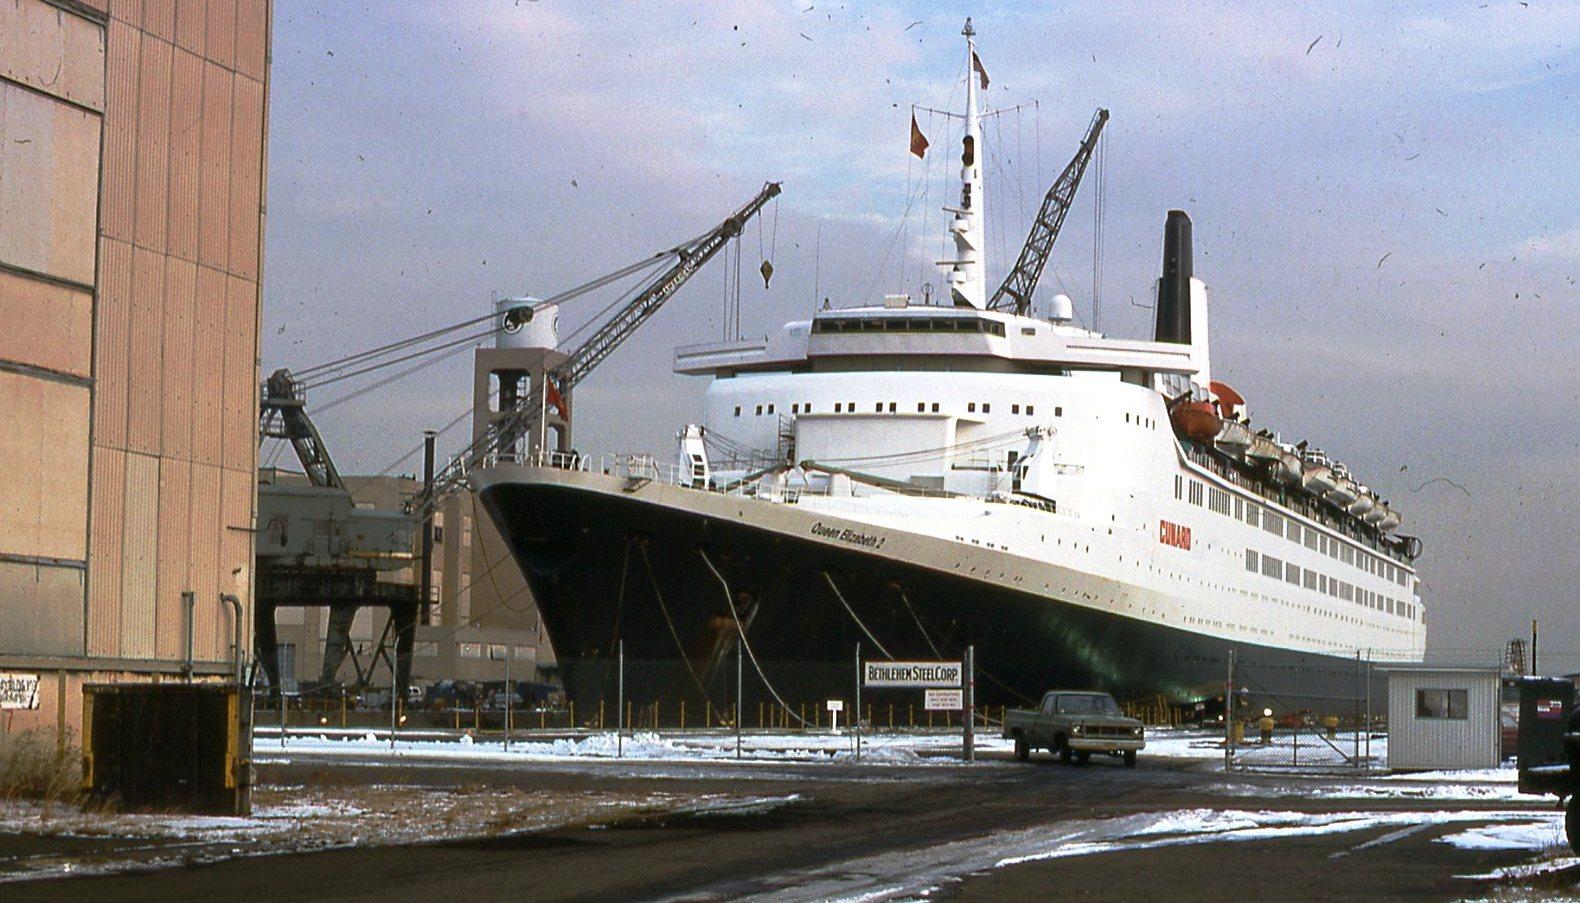 QE2 at Bethlehem Shipyards, circa 1974.